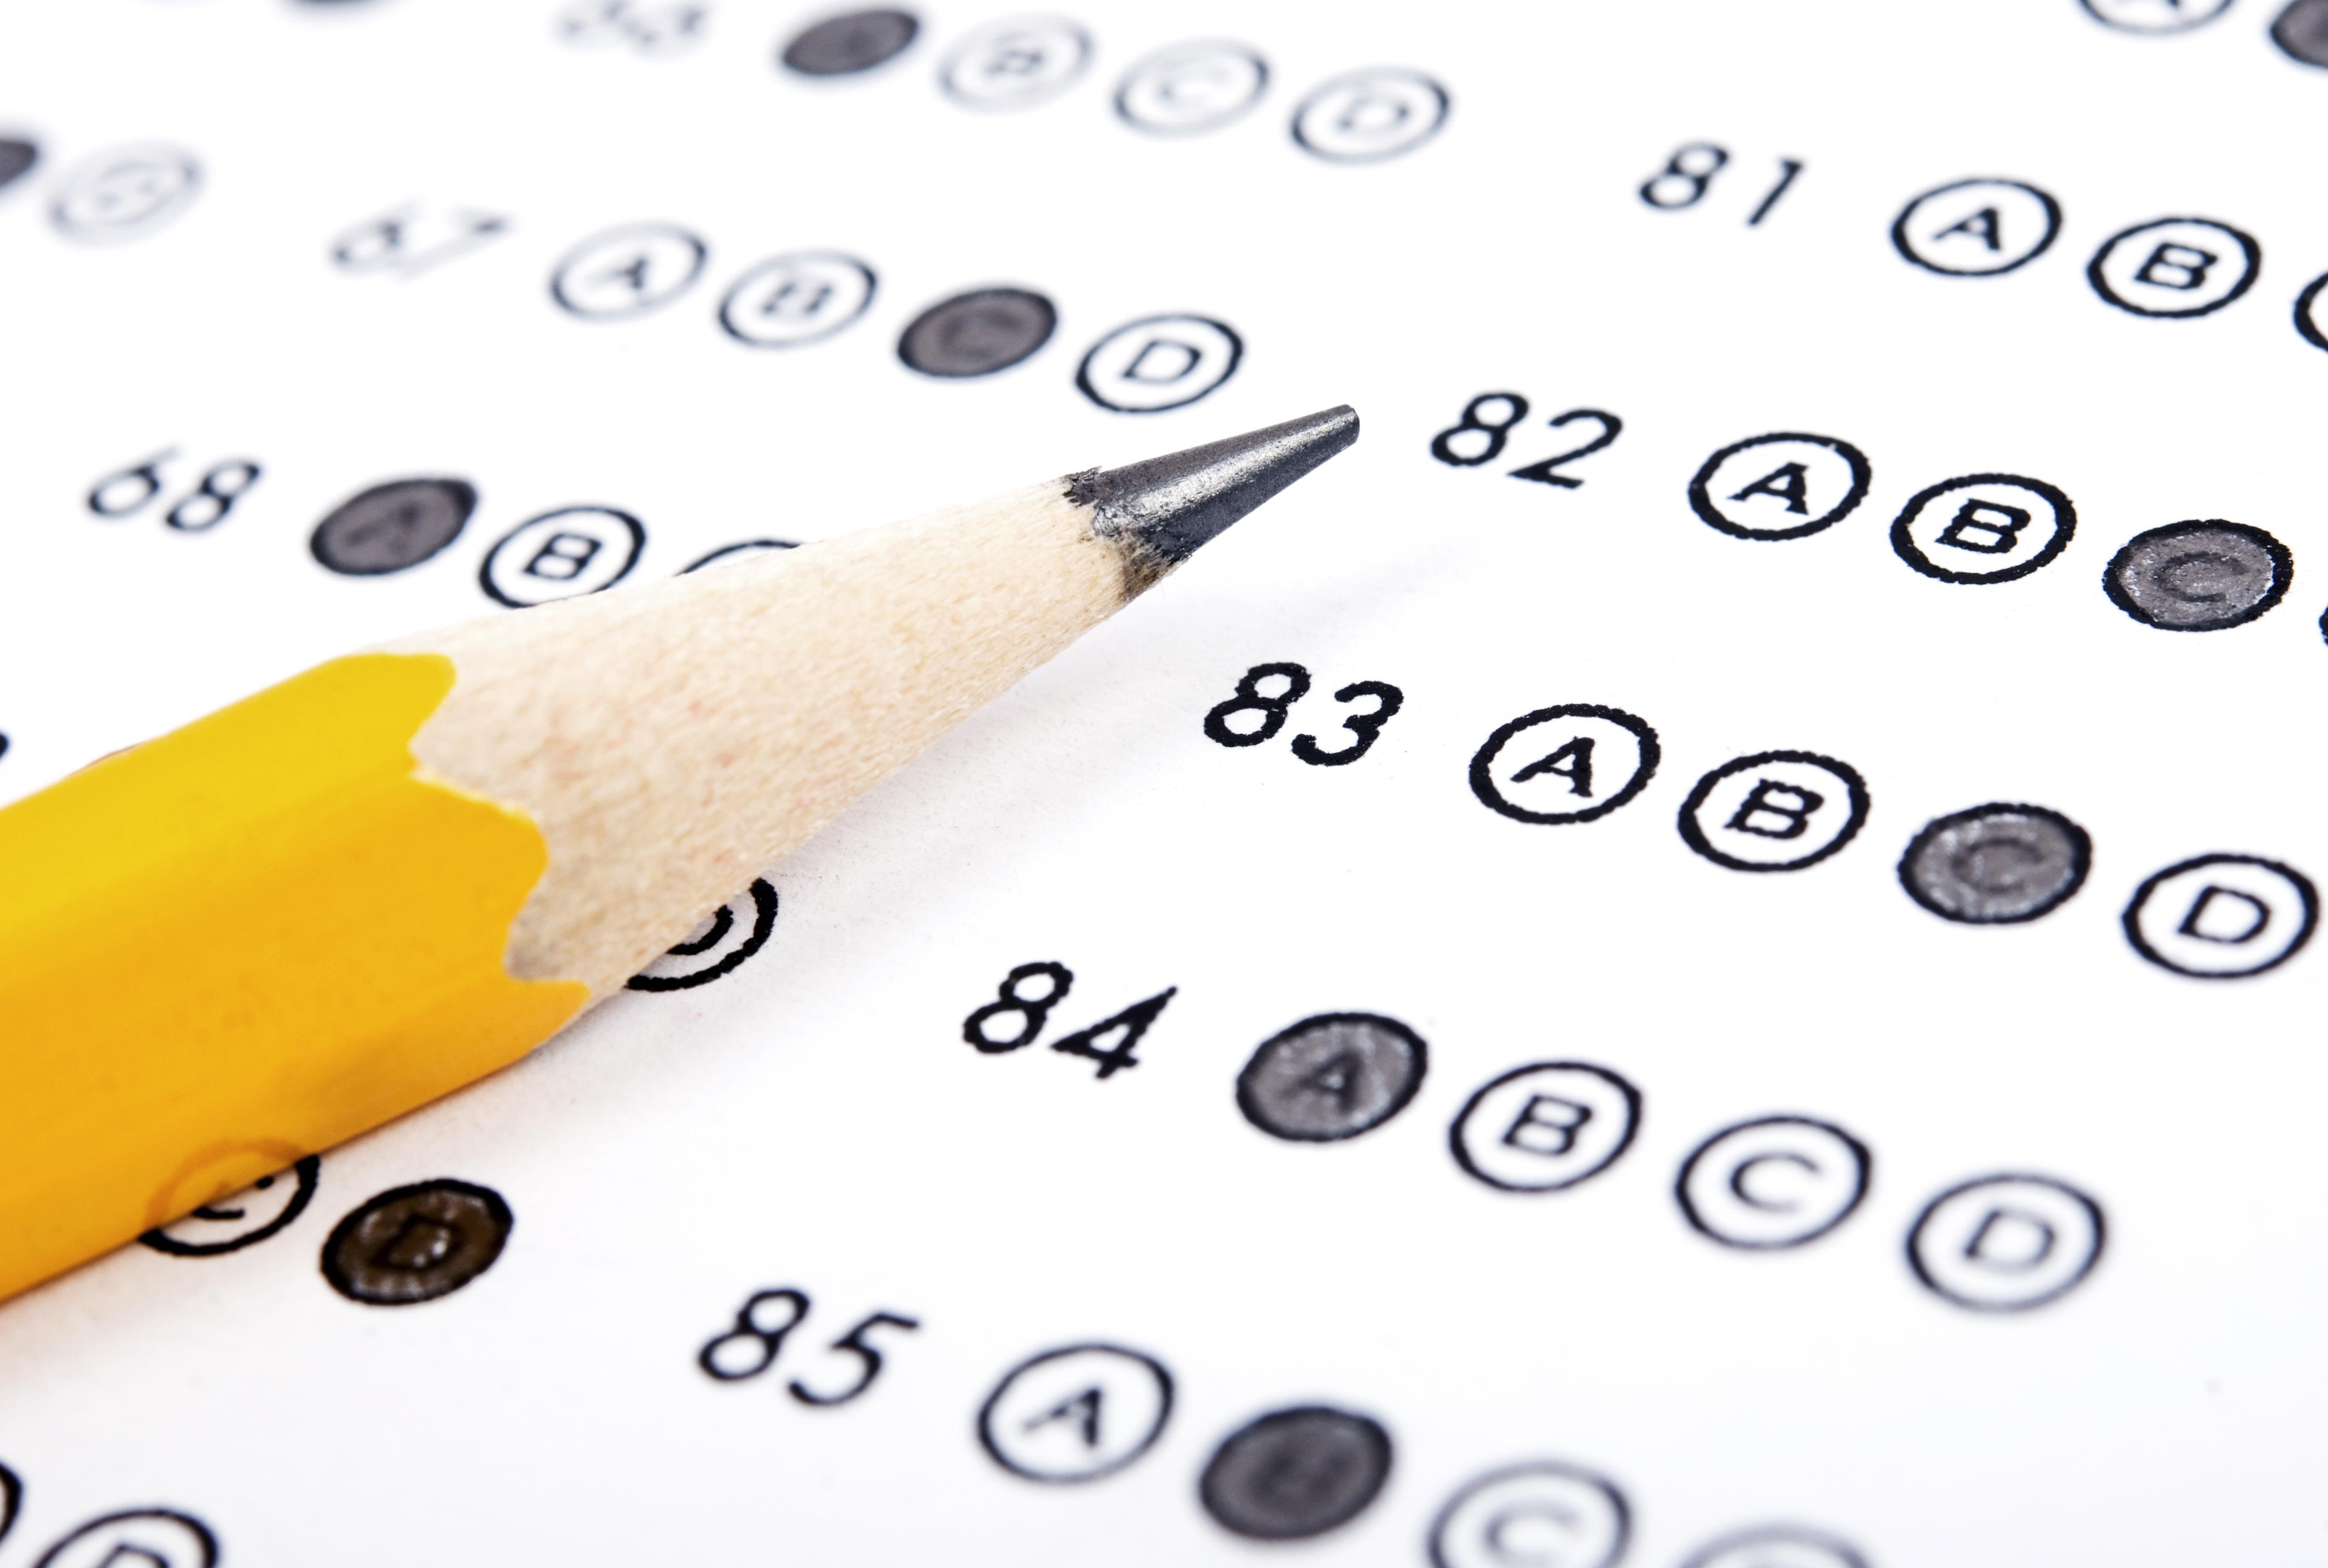 Aufnahmeprüfung Teil 1 shutterstock 84459340